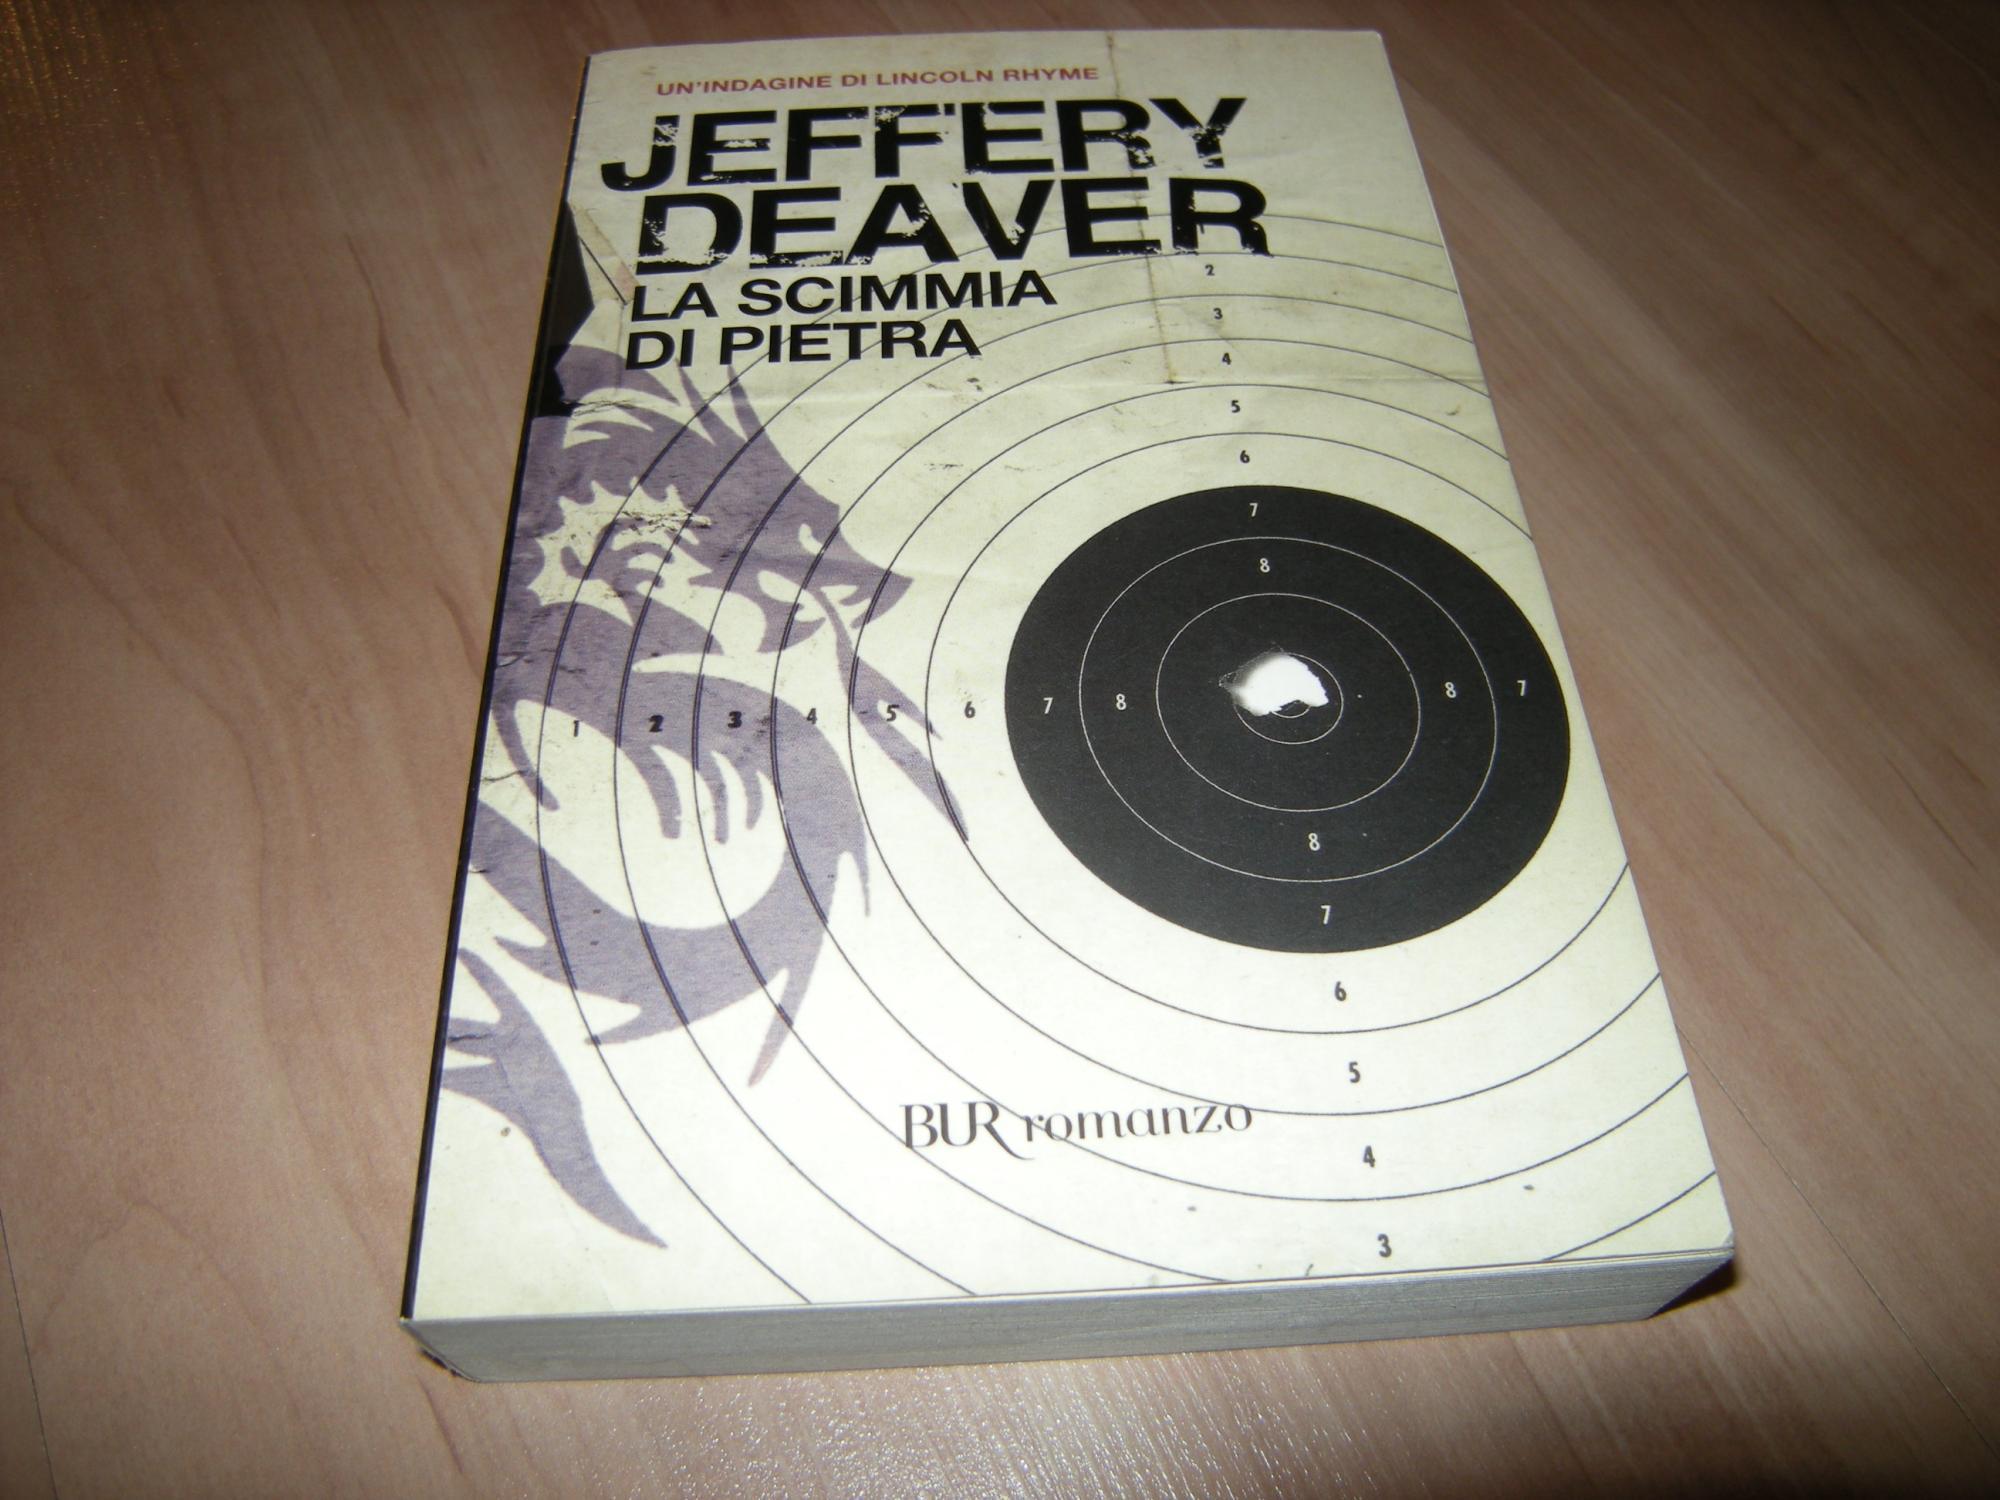 La Scimmia di Pietra - Jeffrey Deaver